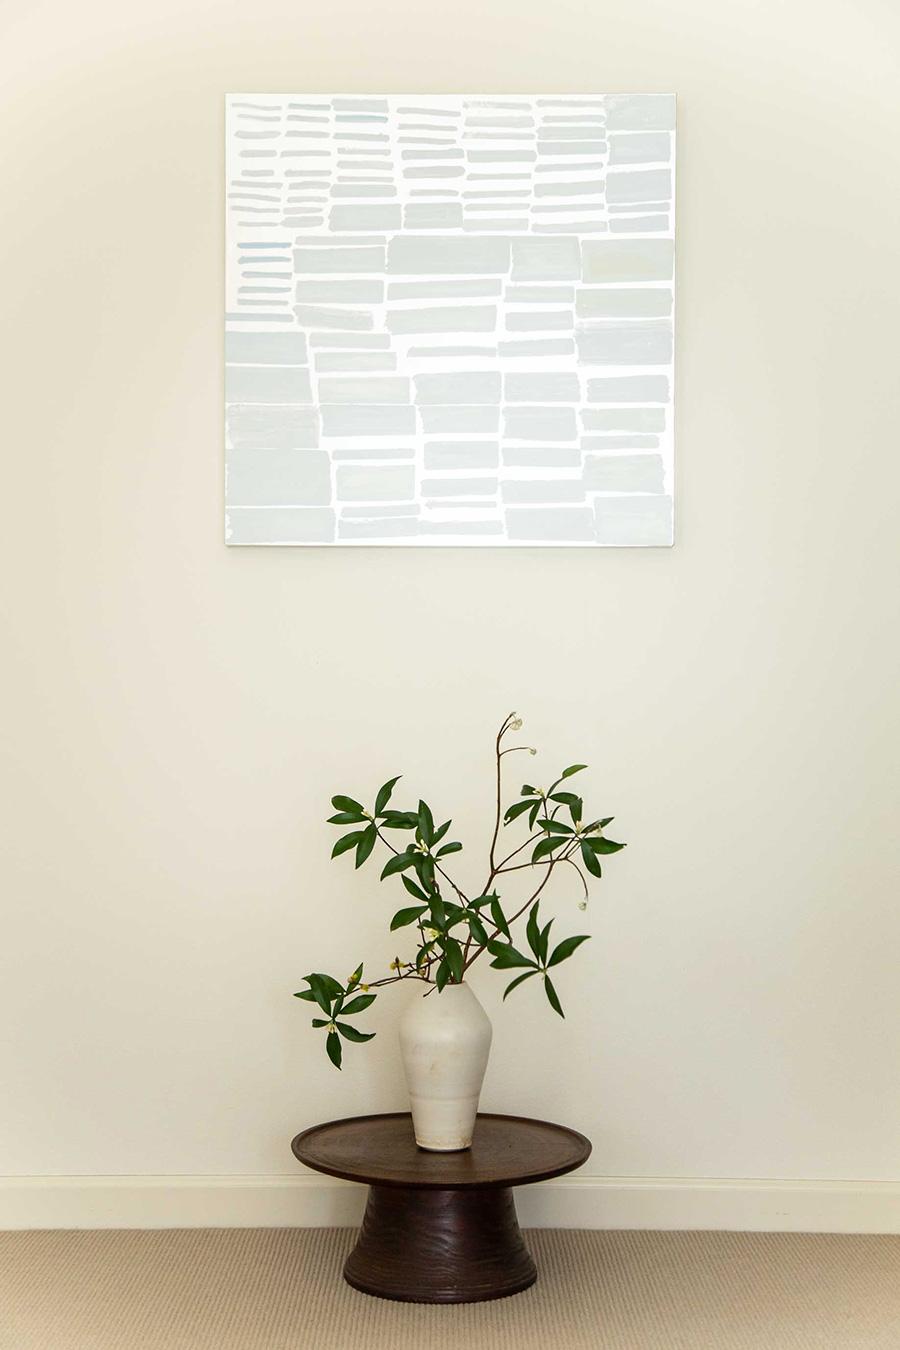 「京都在住のアーティストの作品です。西陣織の銀糸の材料となる銀紙が使われています。作品の下に和の花を活け、組み合わせを楽しんでいます」 Artist:アンジュ・ミケーレ